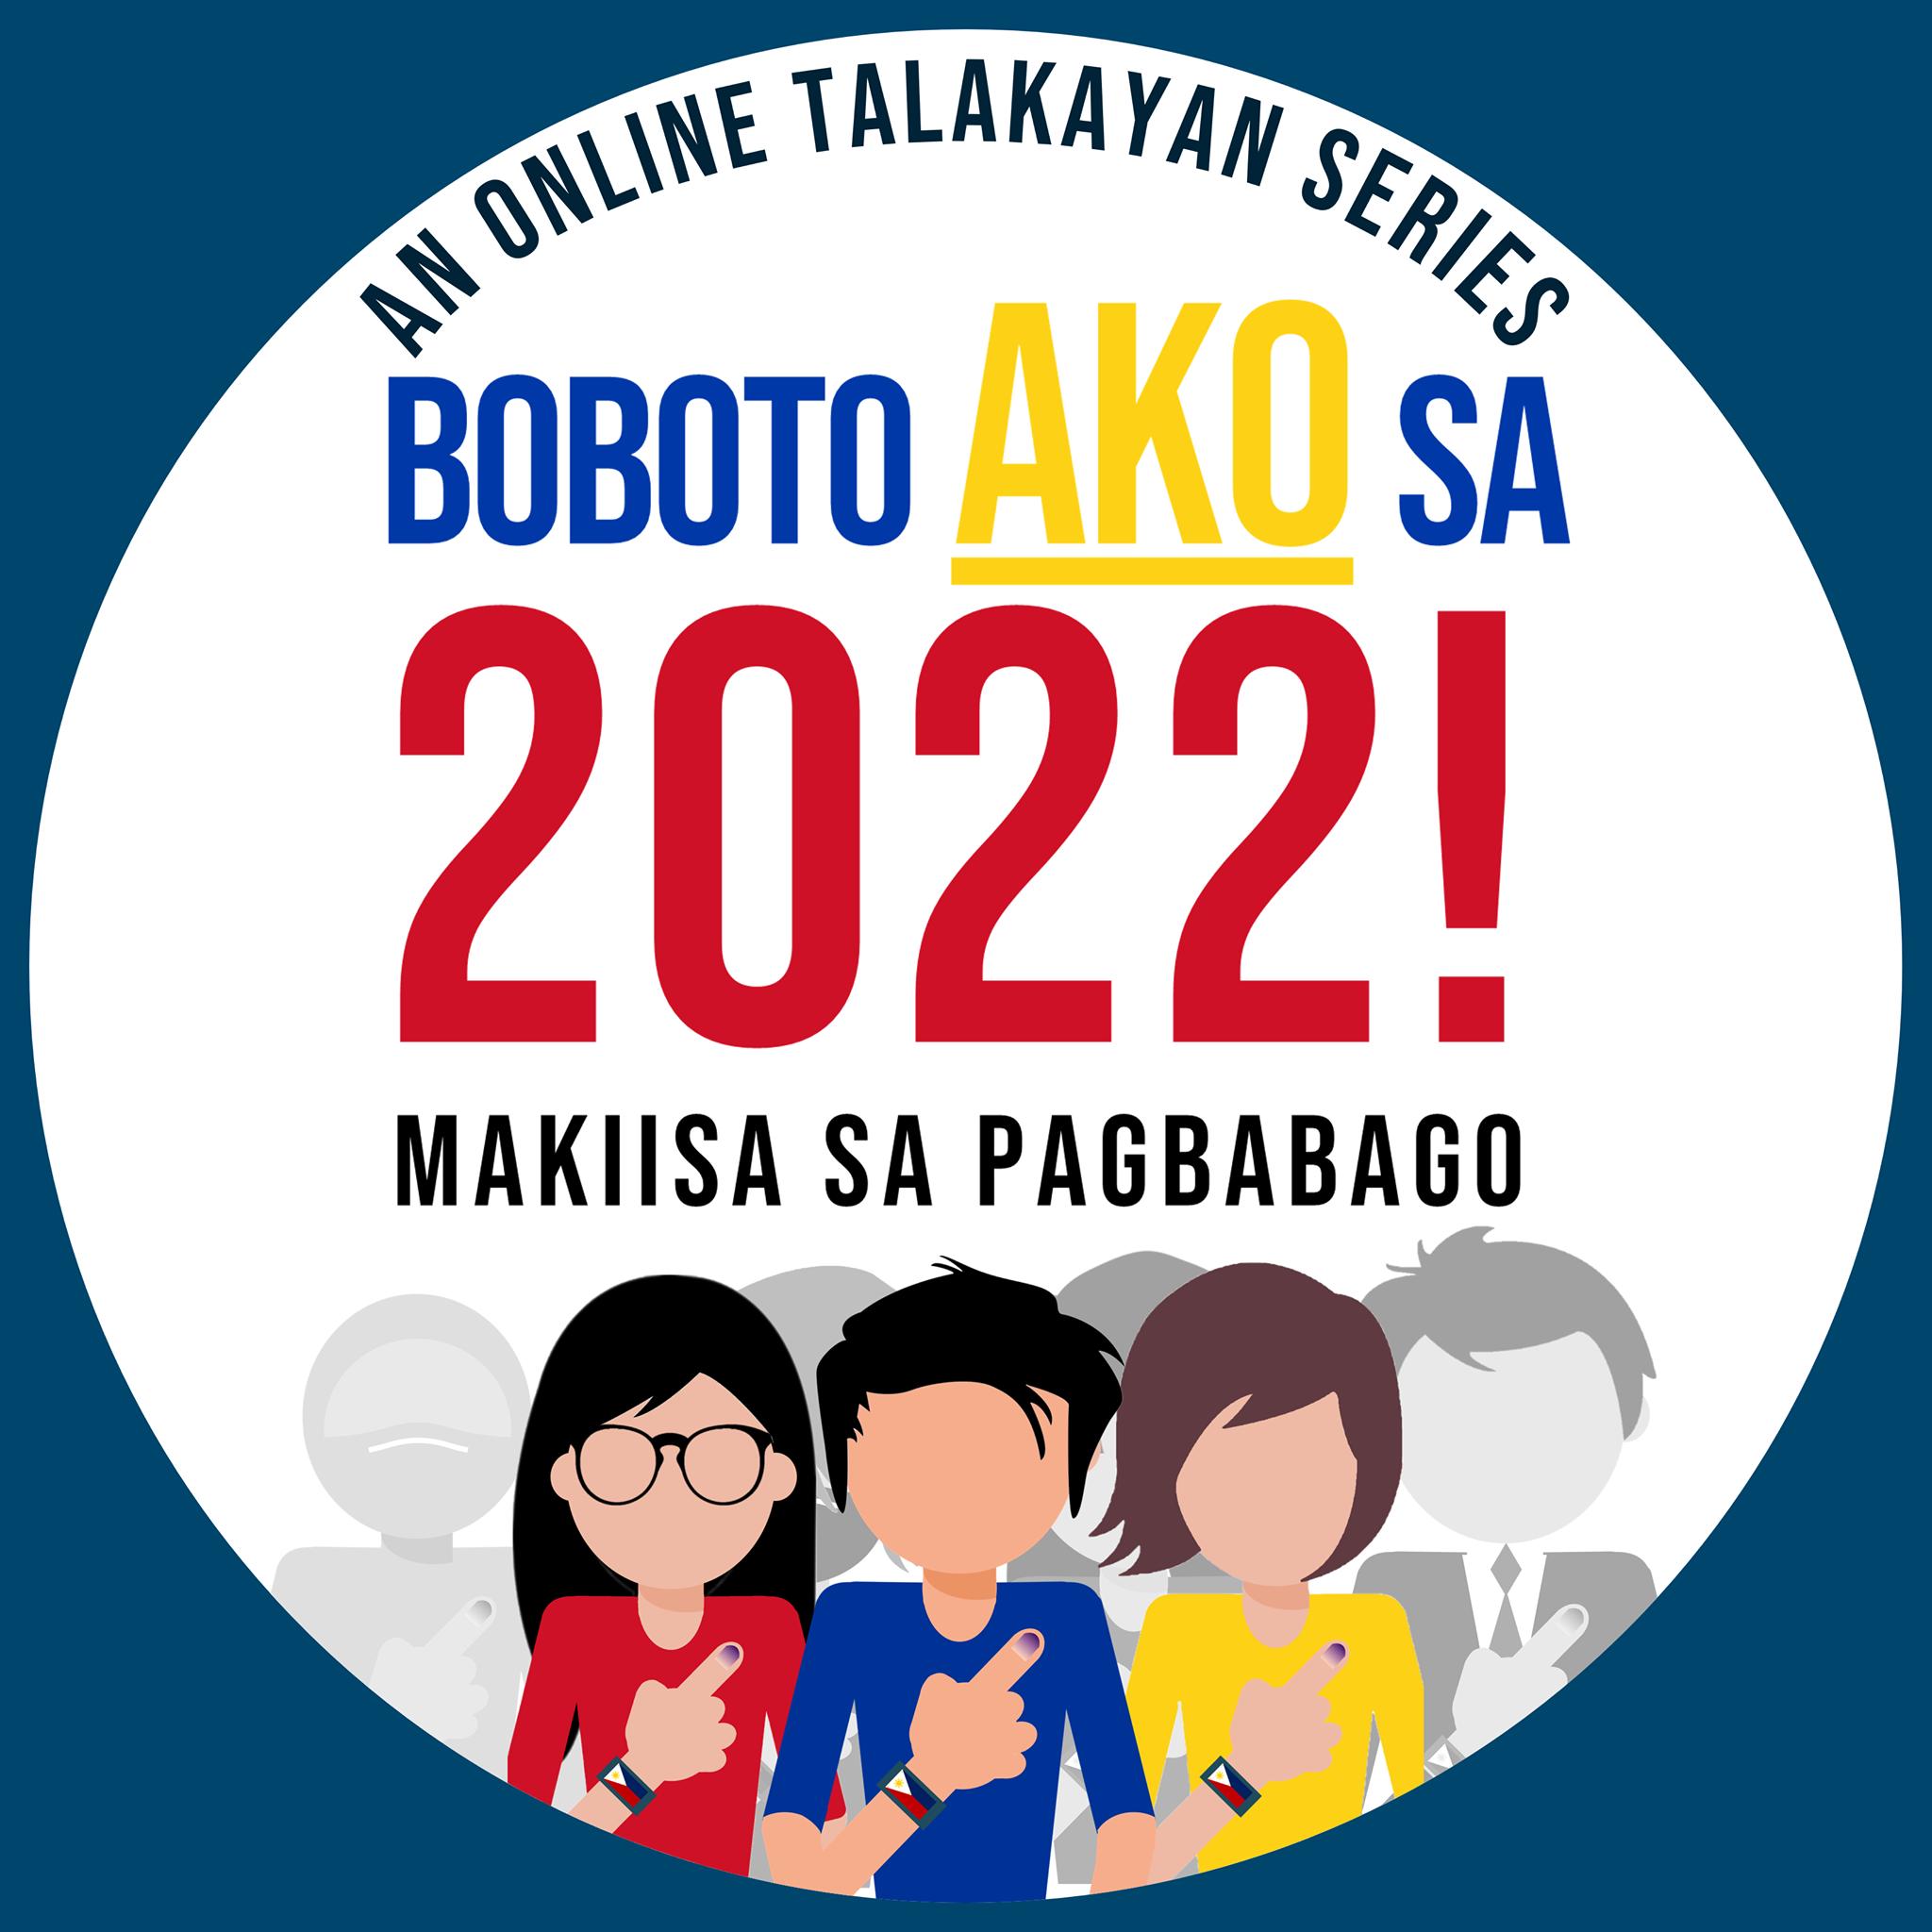 Photo grabbed from Boboto AKO sa 2022 (Facebook)